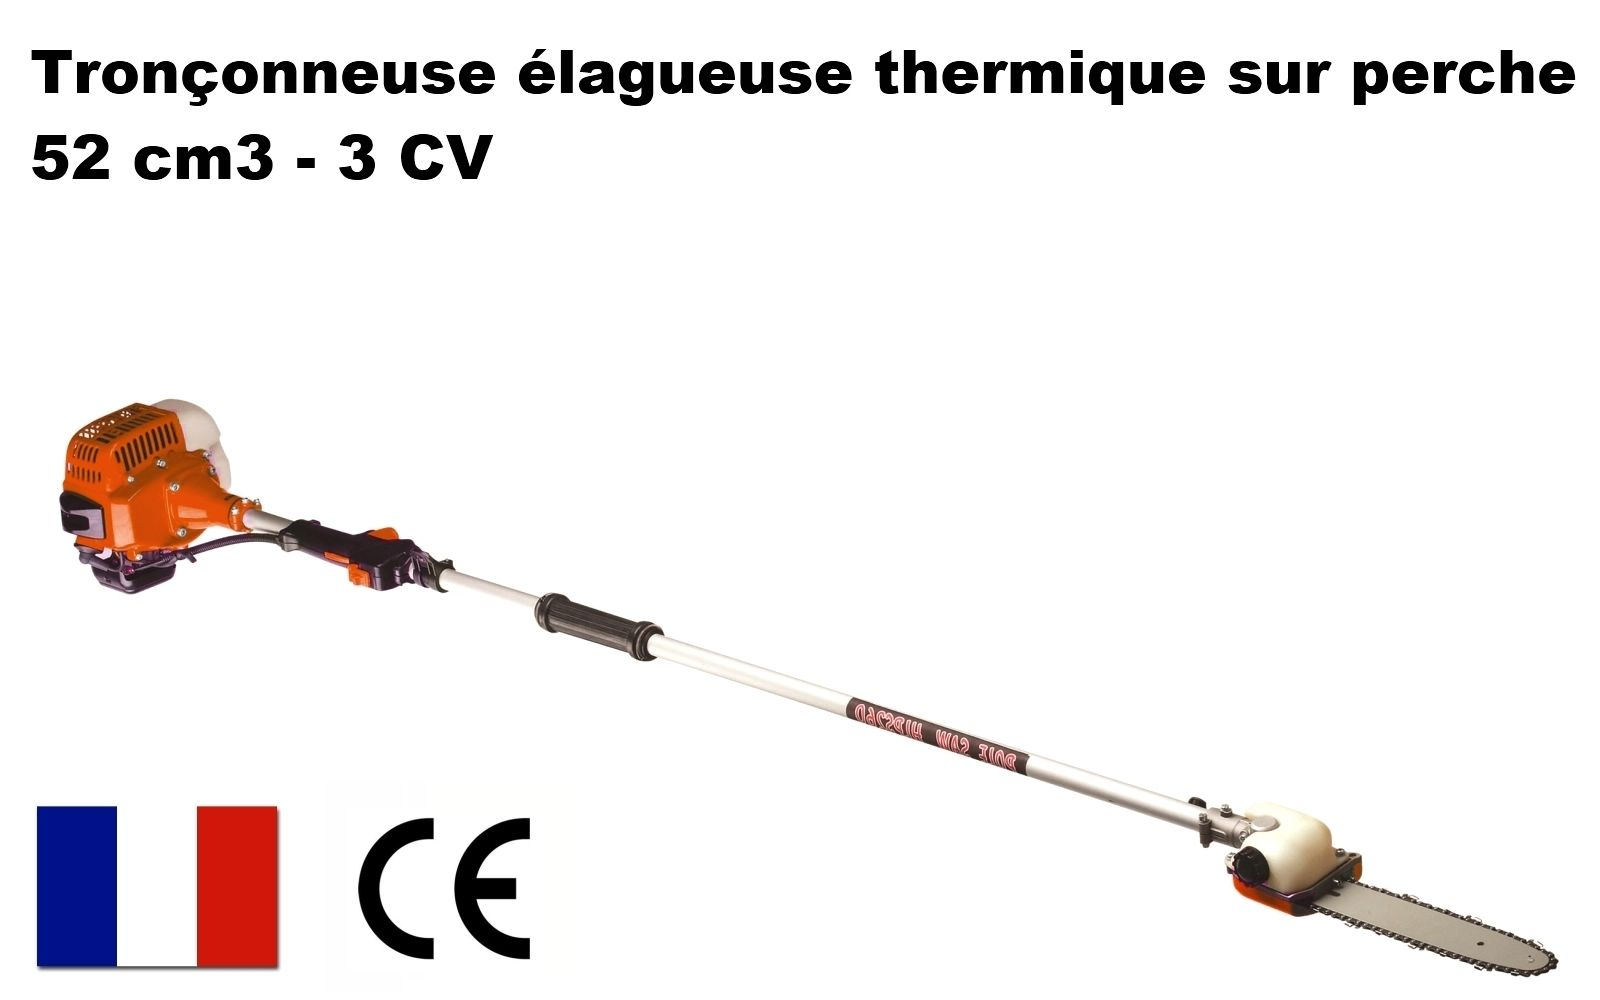 Gt elagueuse thermique sur perche 52cm3 3 cv longueur 415 - Elagueuse thermique sur perche ...